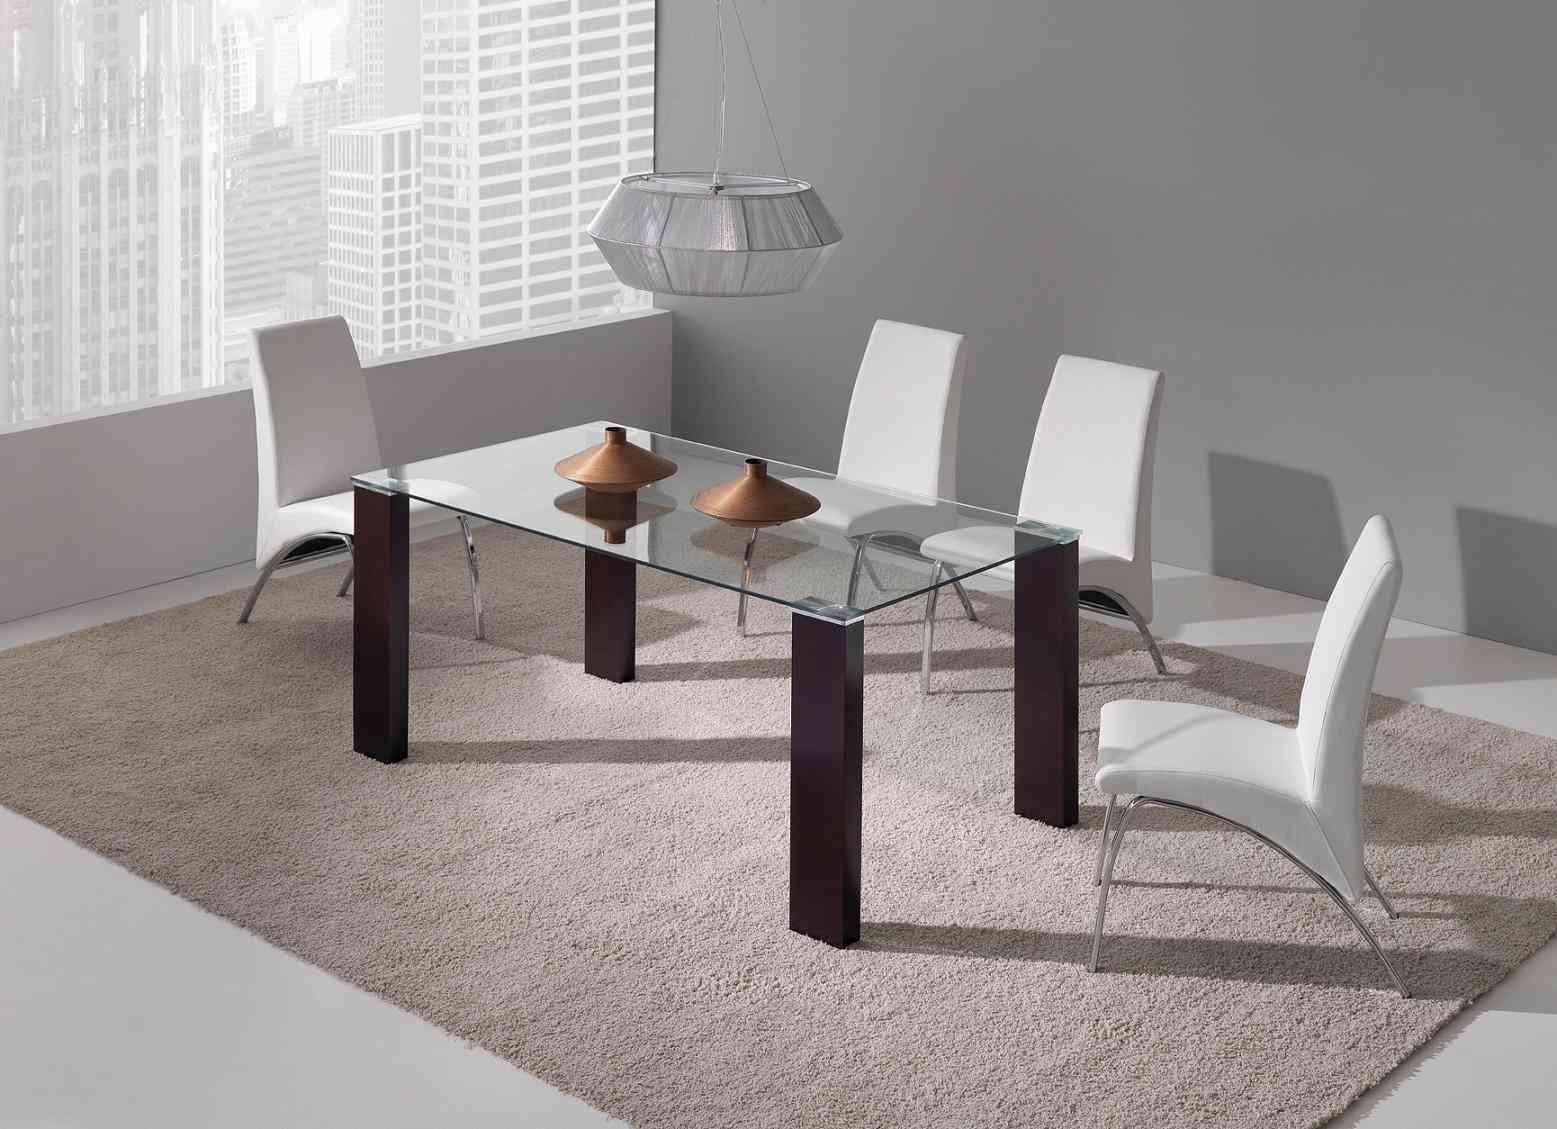 Ideas de mesas para el sal n comedor de estilo moderno - Decoracion de mesas de salon comedor ...